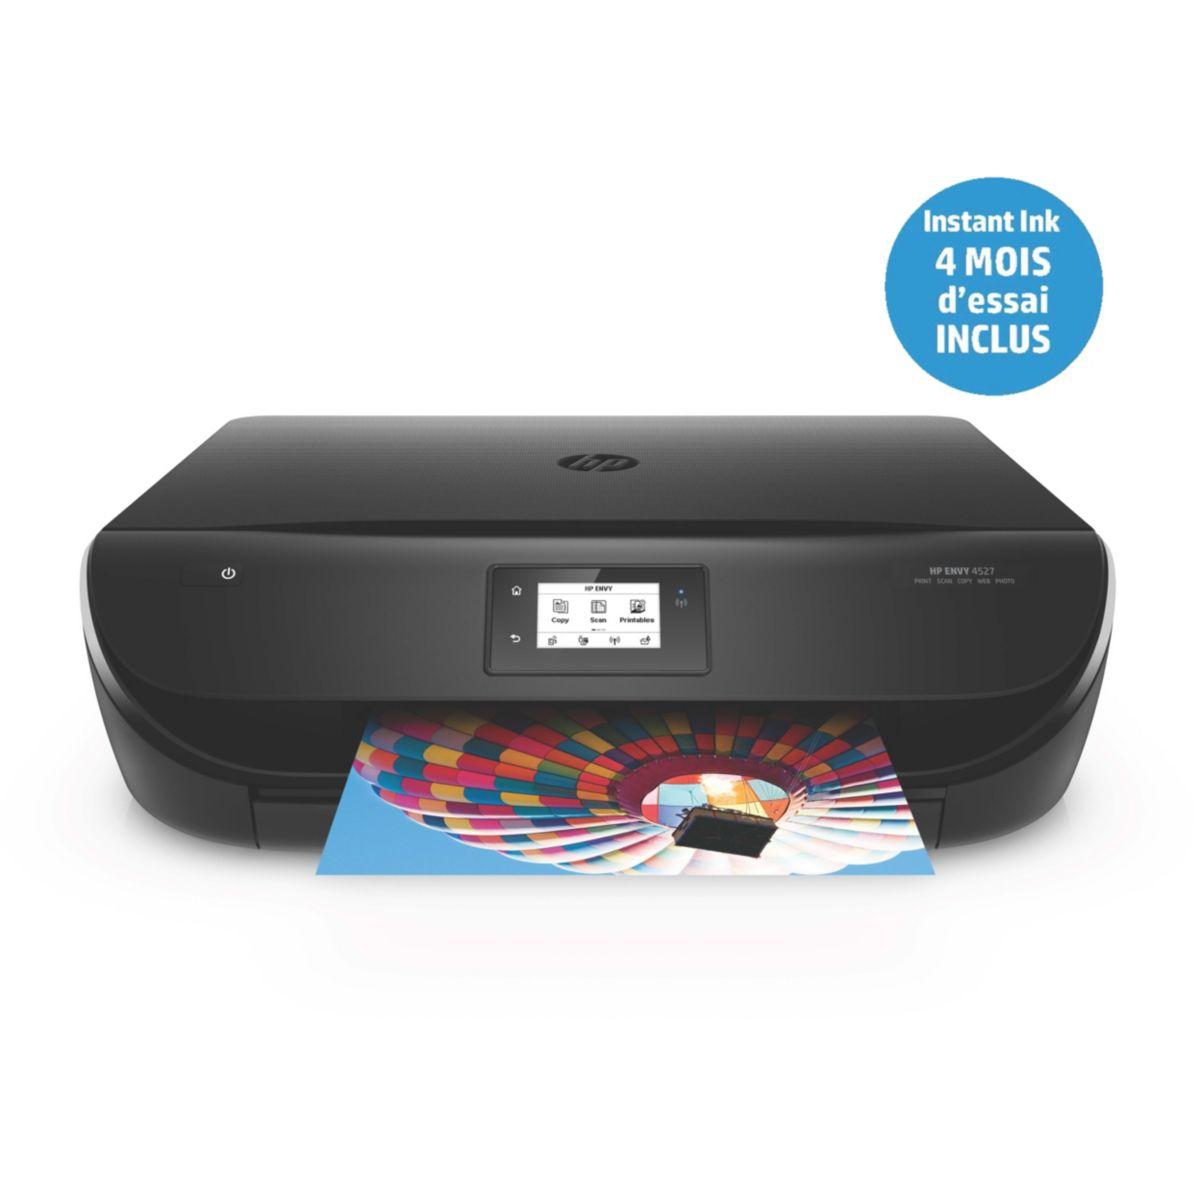 Imprimante multifonction jet d'encre HP Envy 4527 (photo)